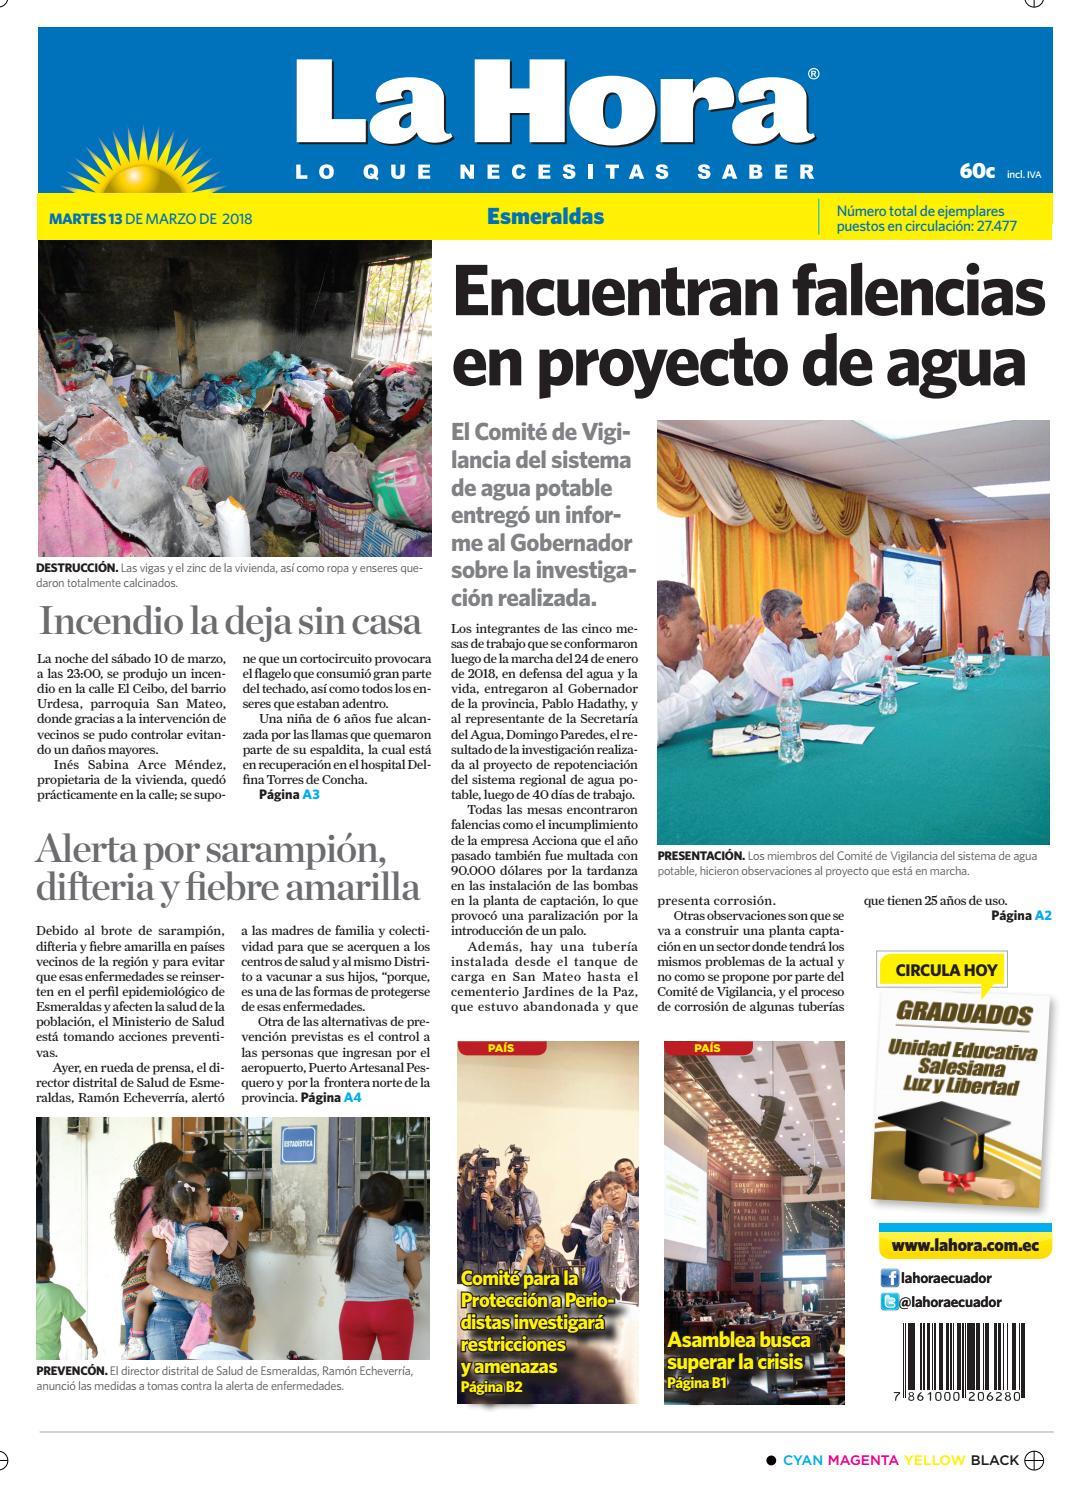 Increíble Reanudar Analista De Negocios Salud Modelo - Ejemplo De ...